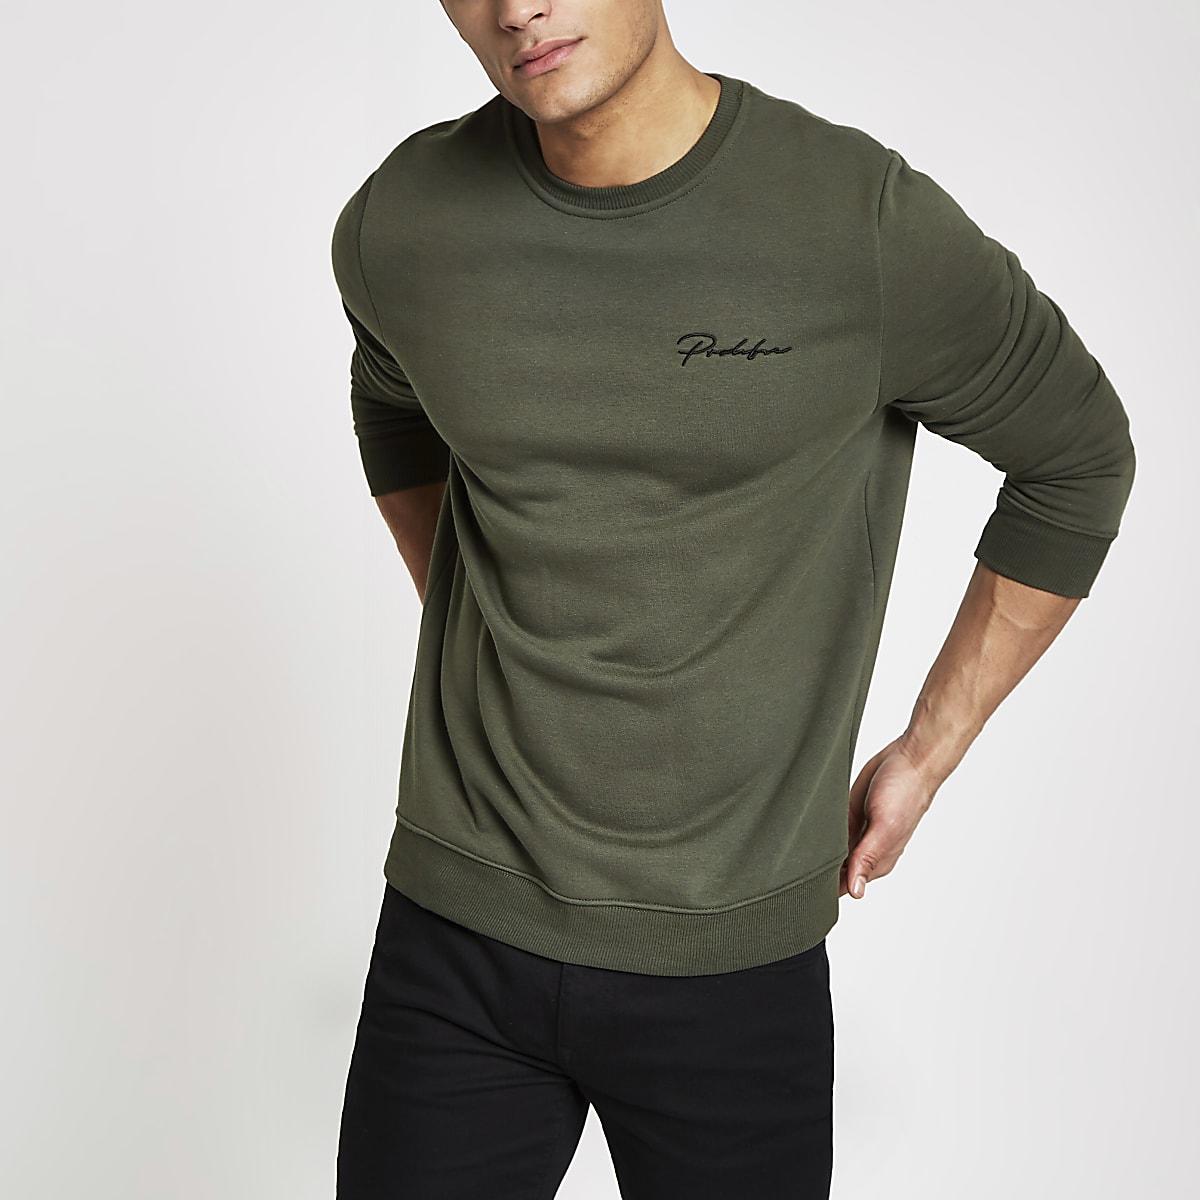 Kakigroen slim-fit sweatshirt met 'Prolific'-print